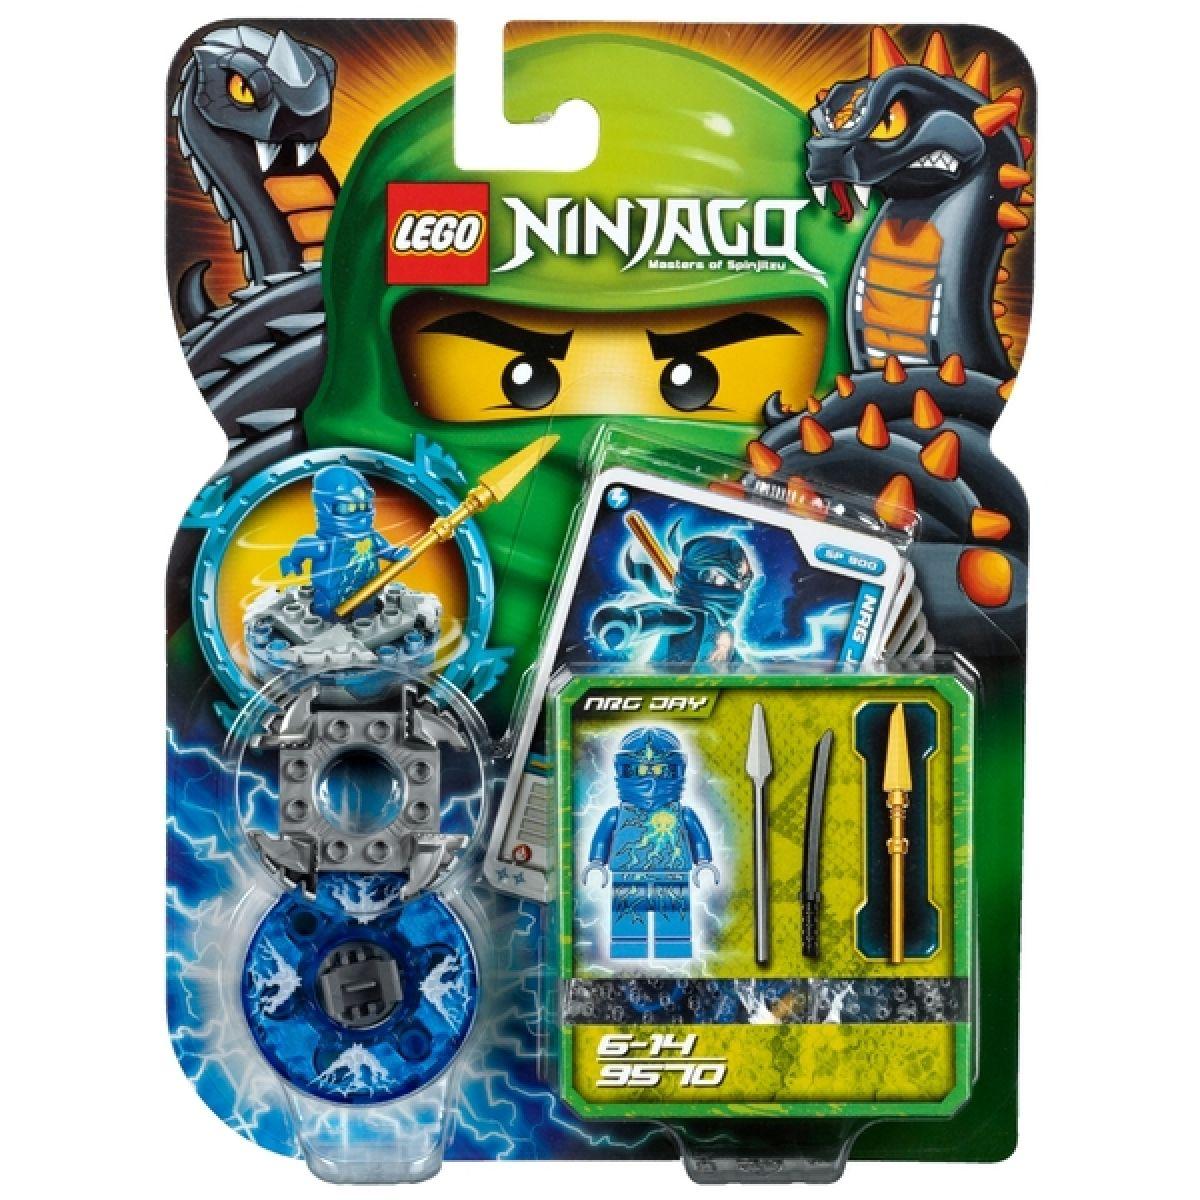 LEGO Ninjago 9573 Slithraa